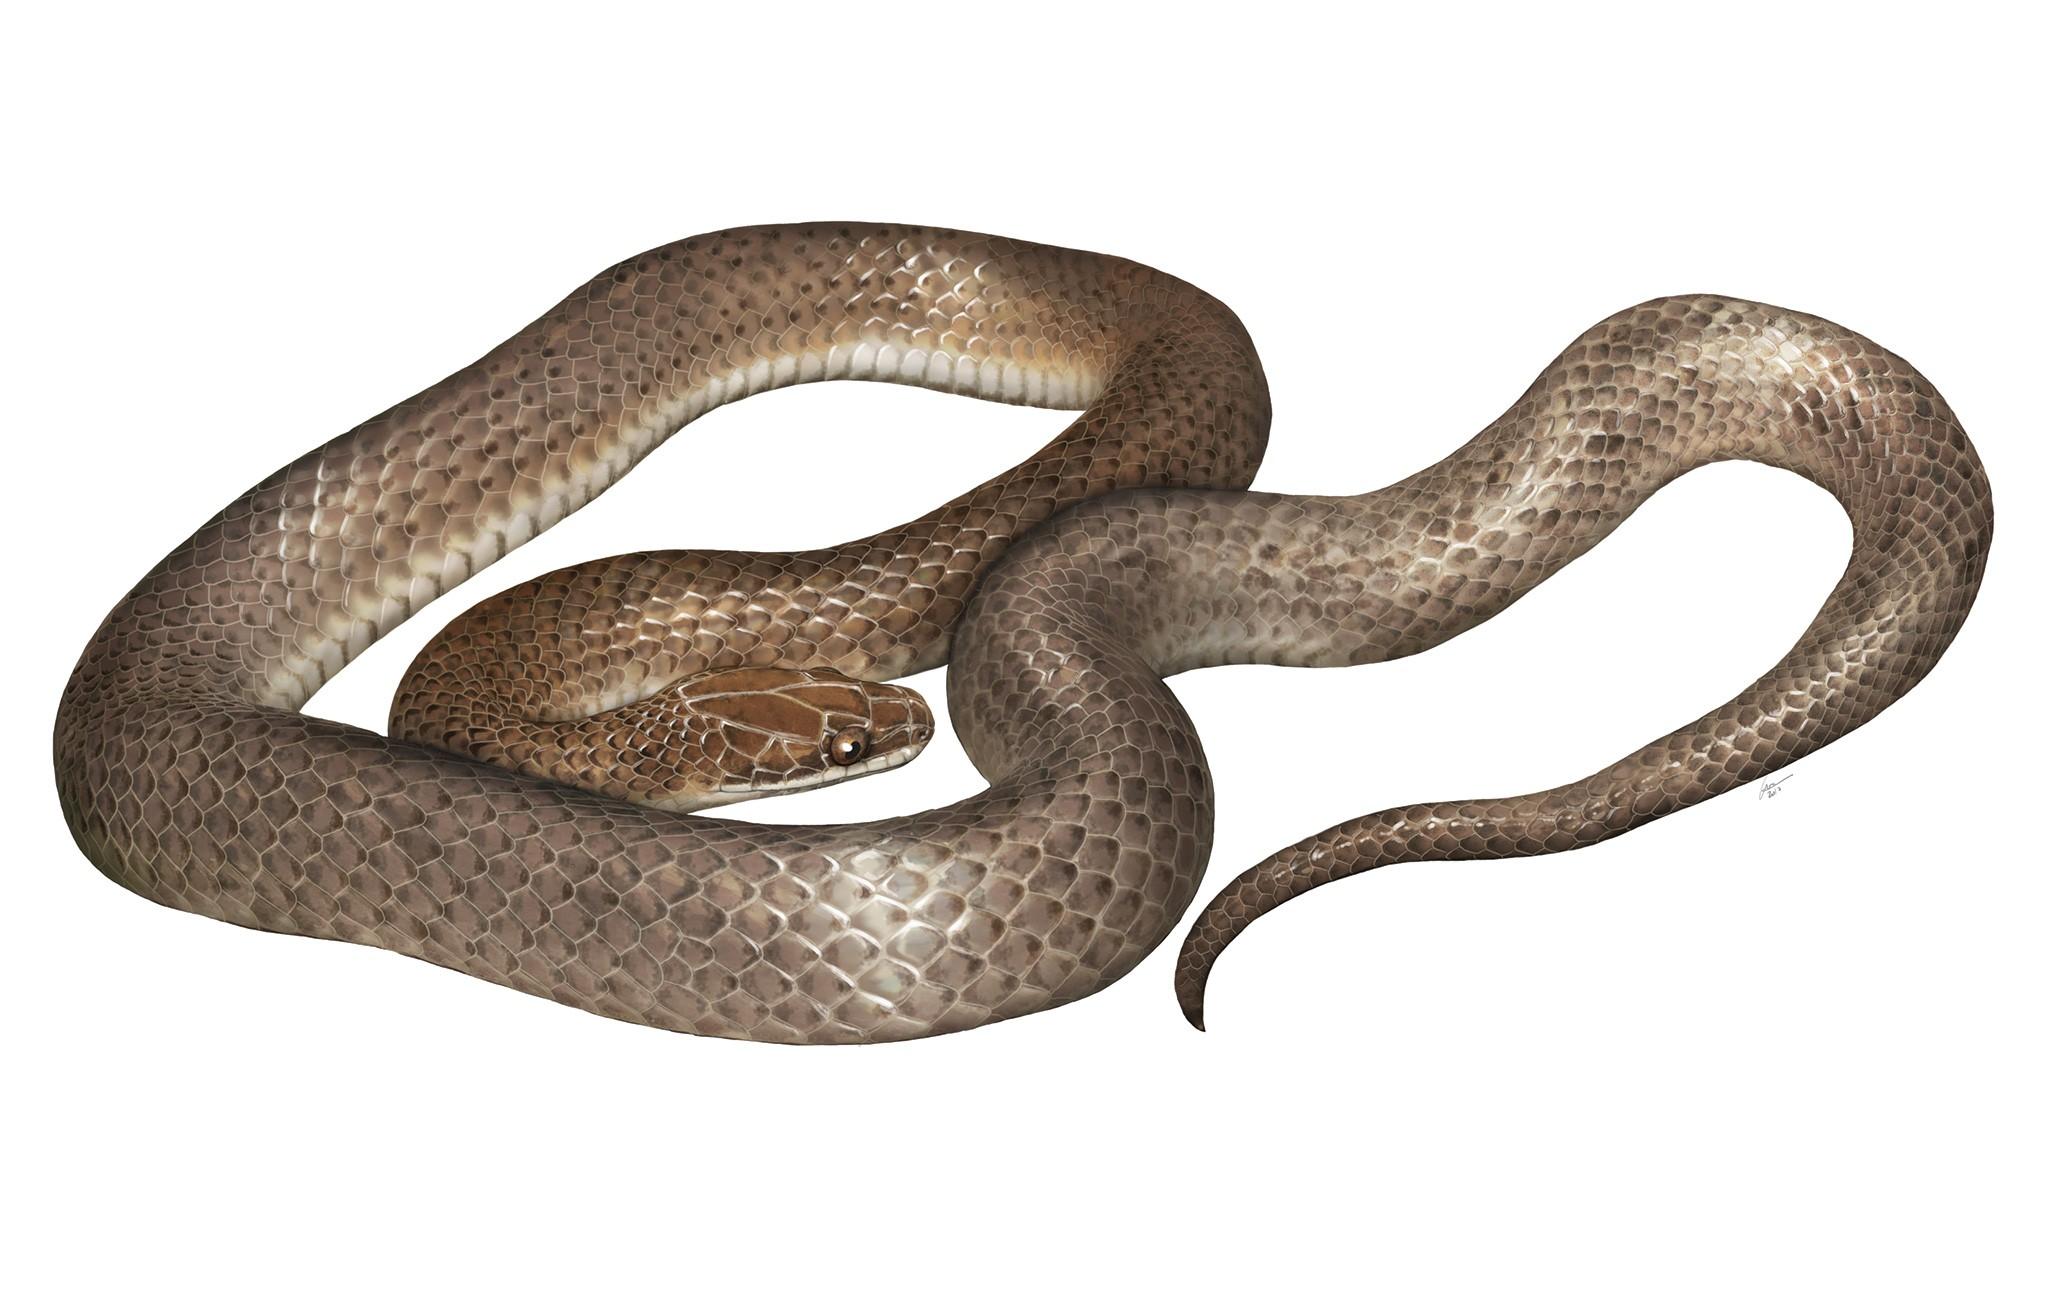 """Cenaspis aenigma ou """"misteriosa cobra-jantar"""" (Foto: National Geographic /  GABRIEL UGUETO)"""